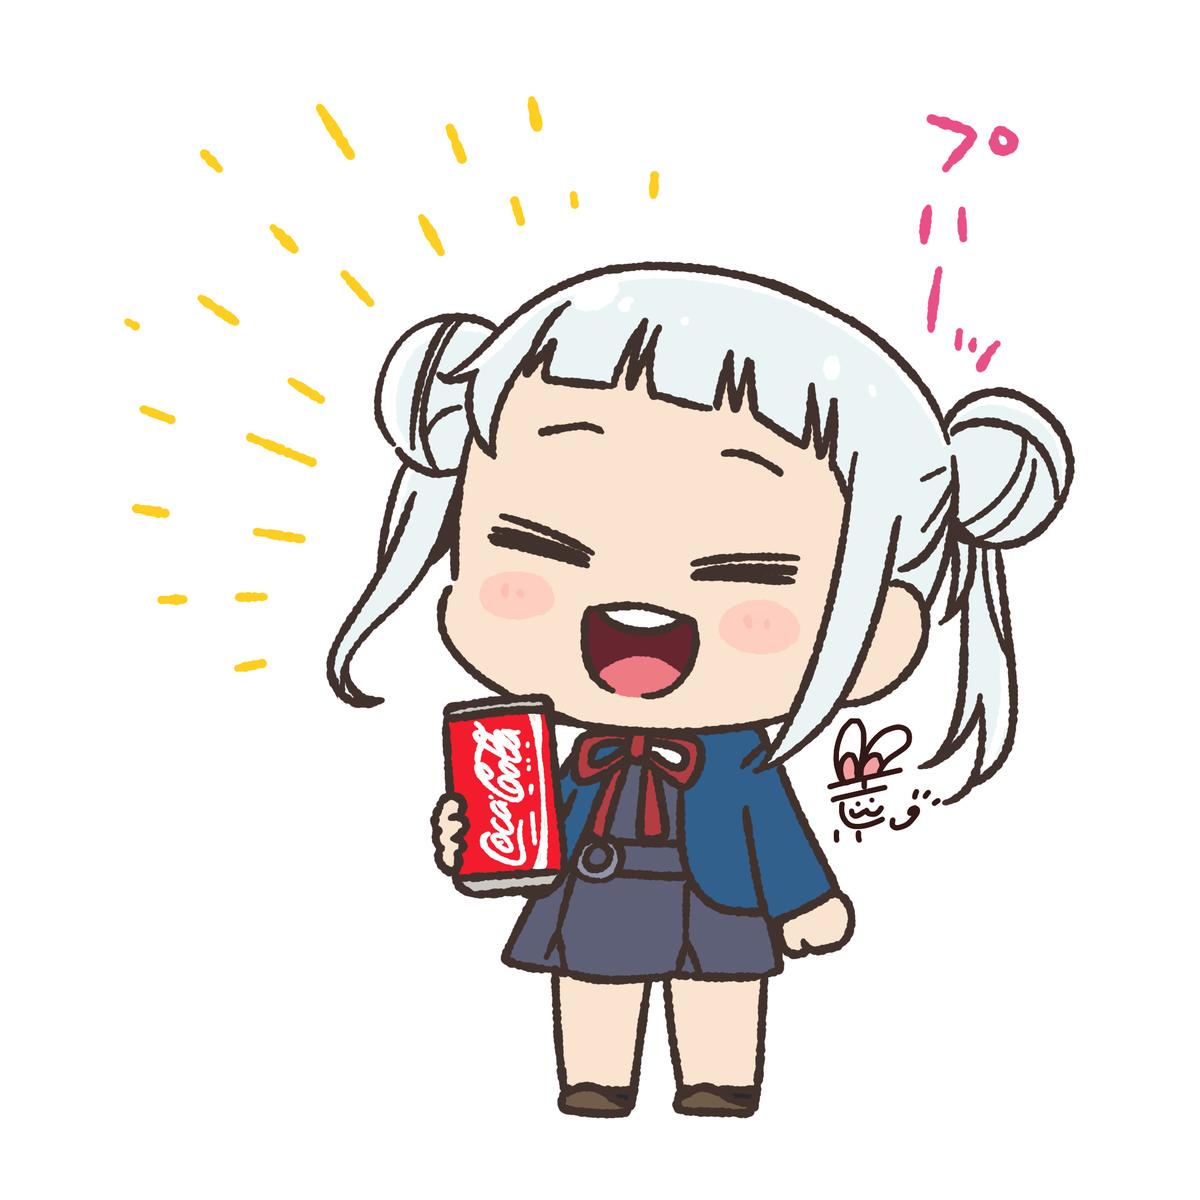 嵐千砂都ちゃんの好きな食べ物小学生みたいで可愛くて推せる